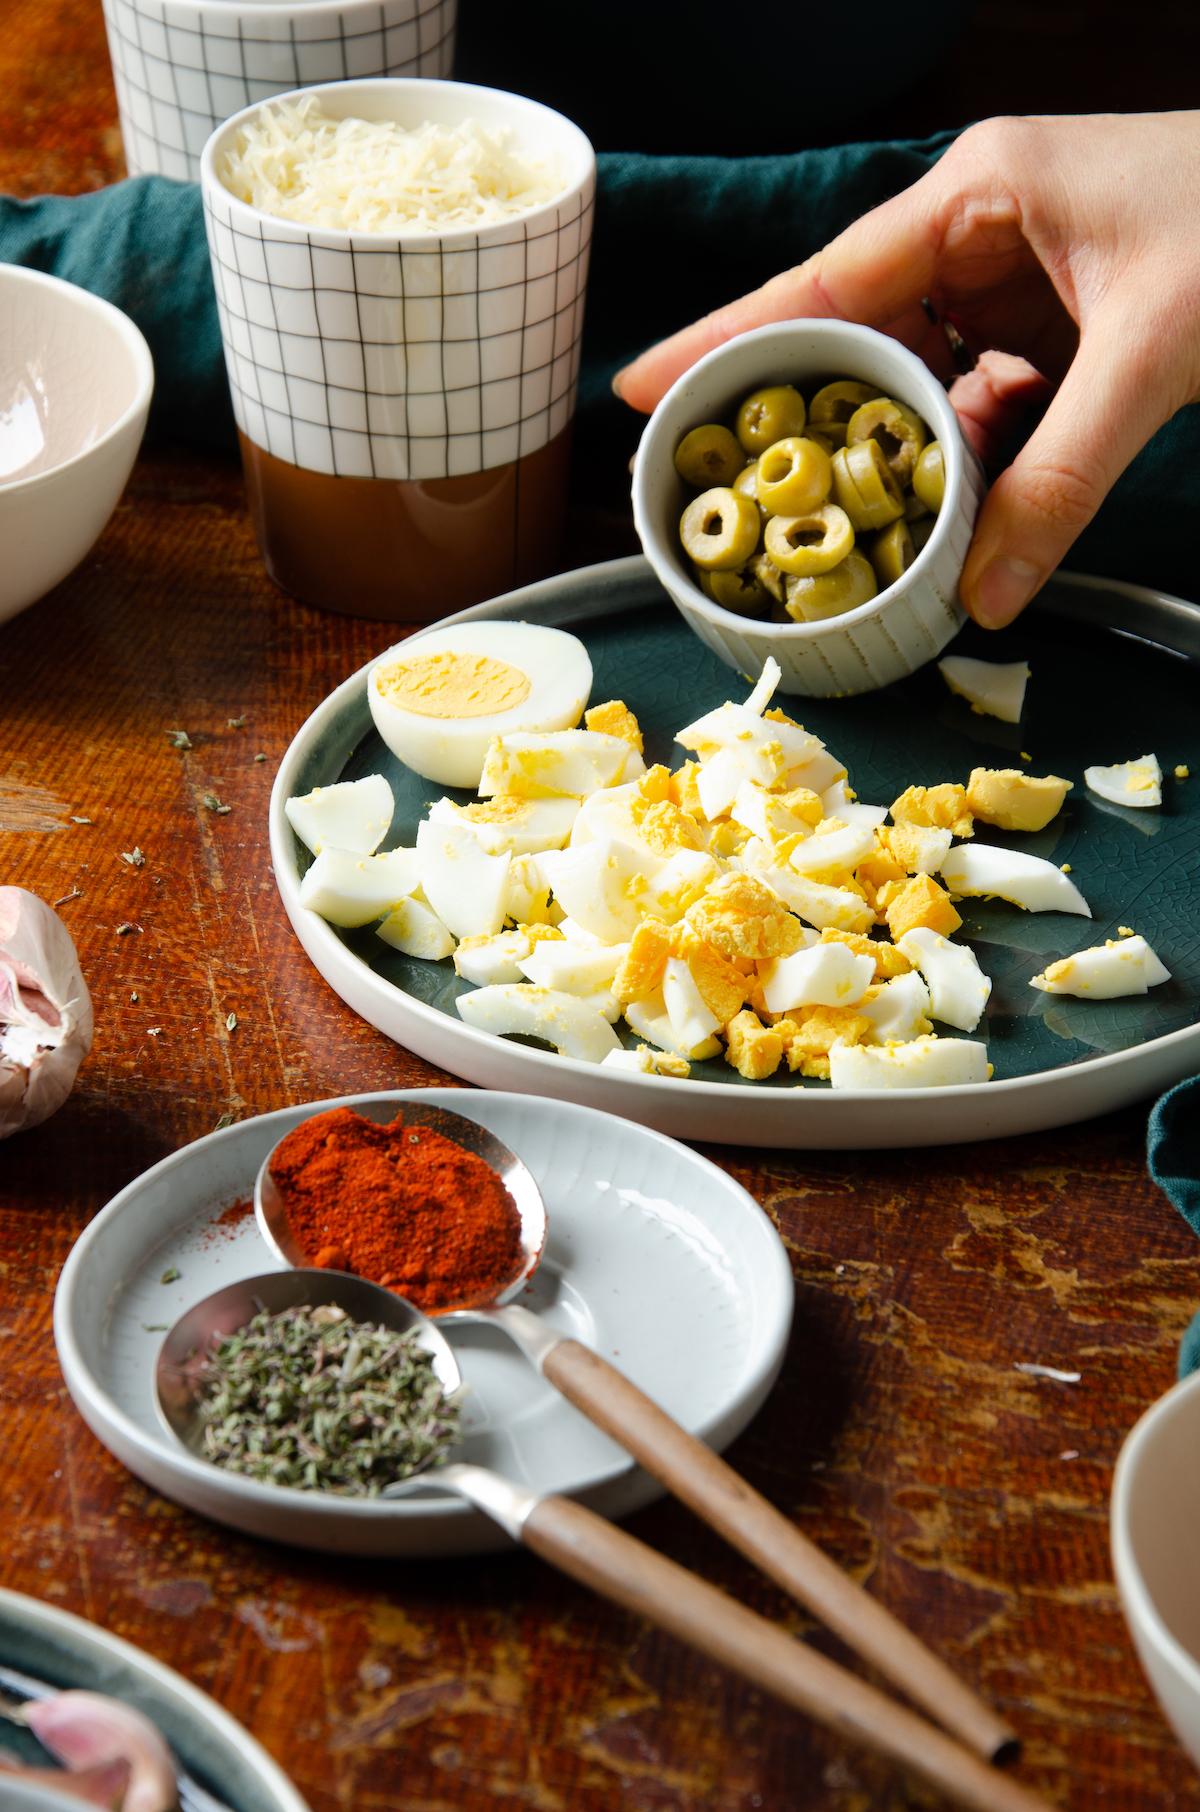 assiette bleu canard terracotta service céramique déco